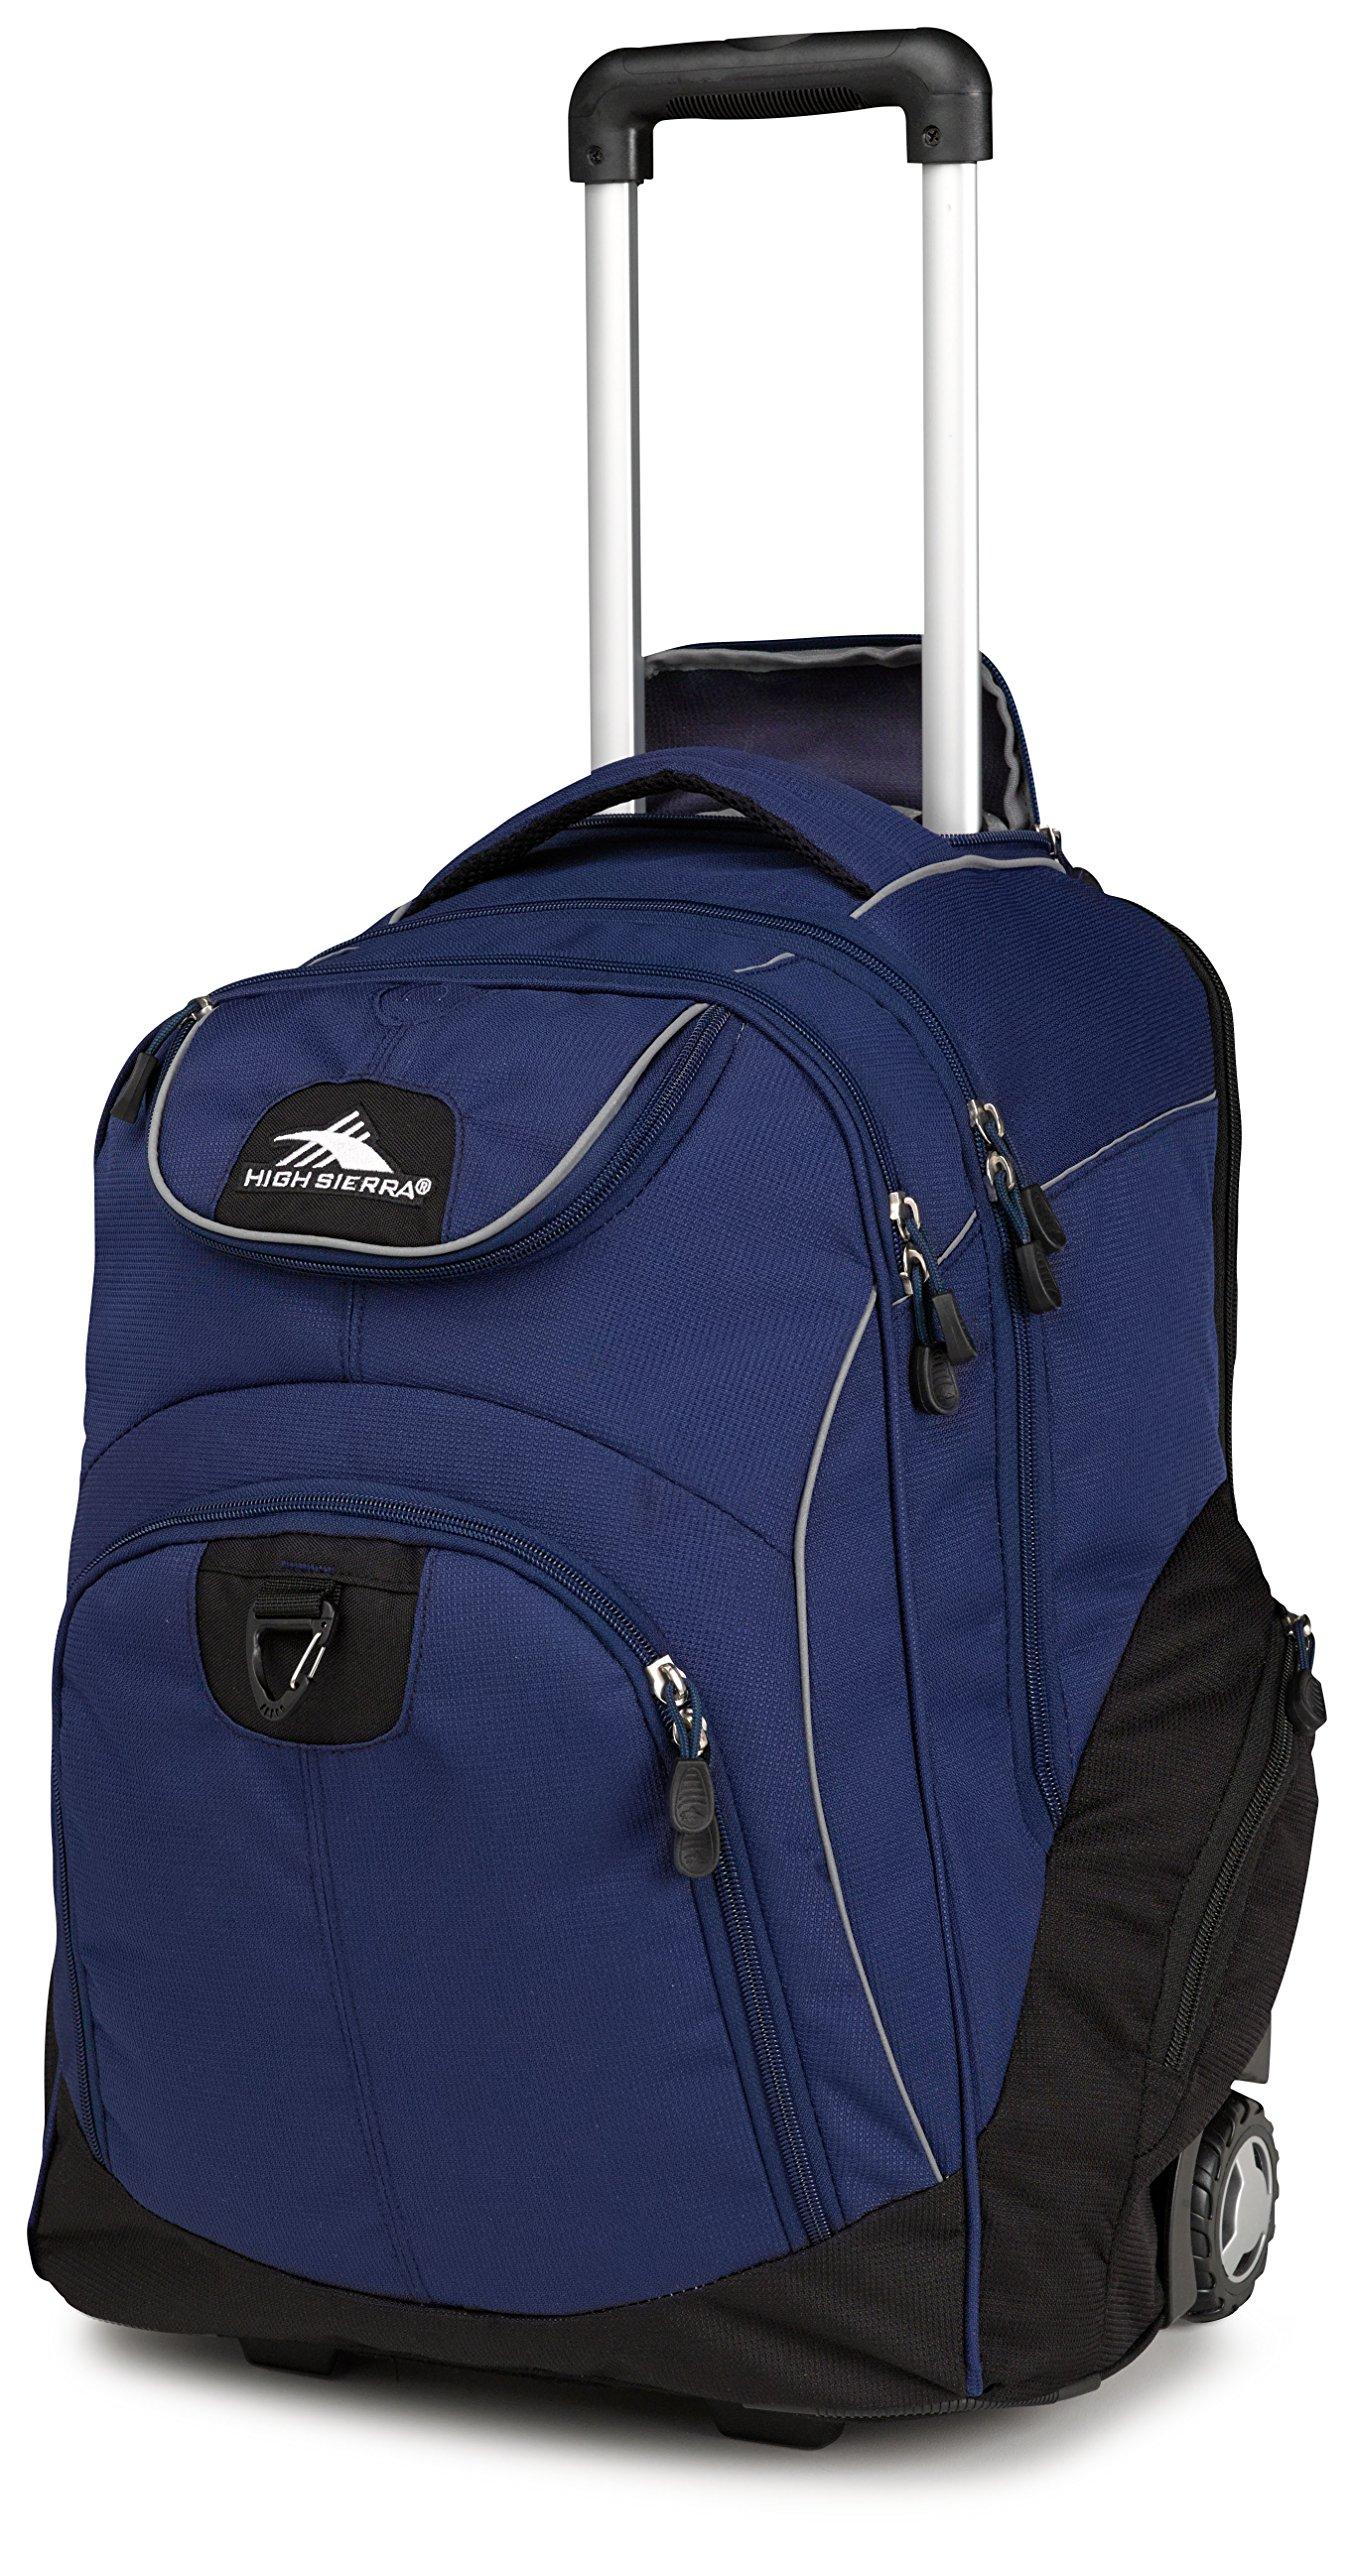 High Sierra Powerglide Wheeled Laptop Backpack, True Navy/Black